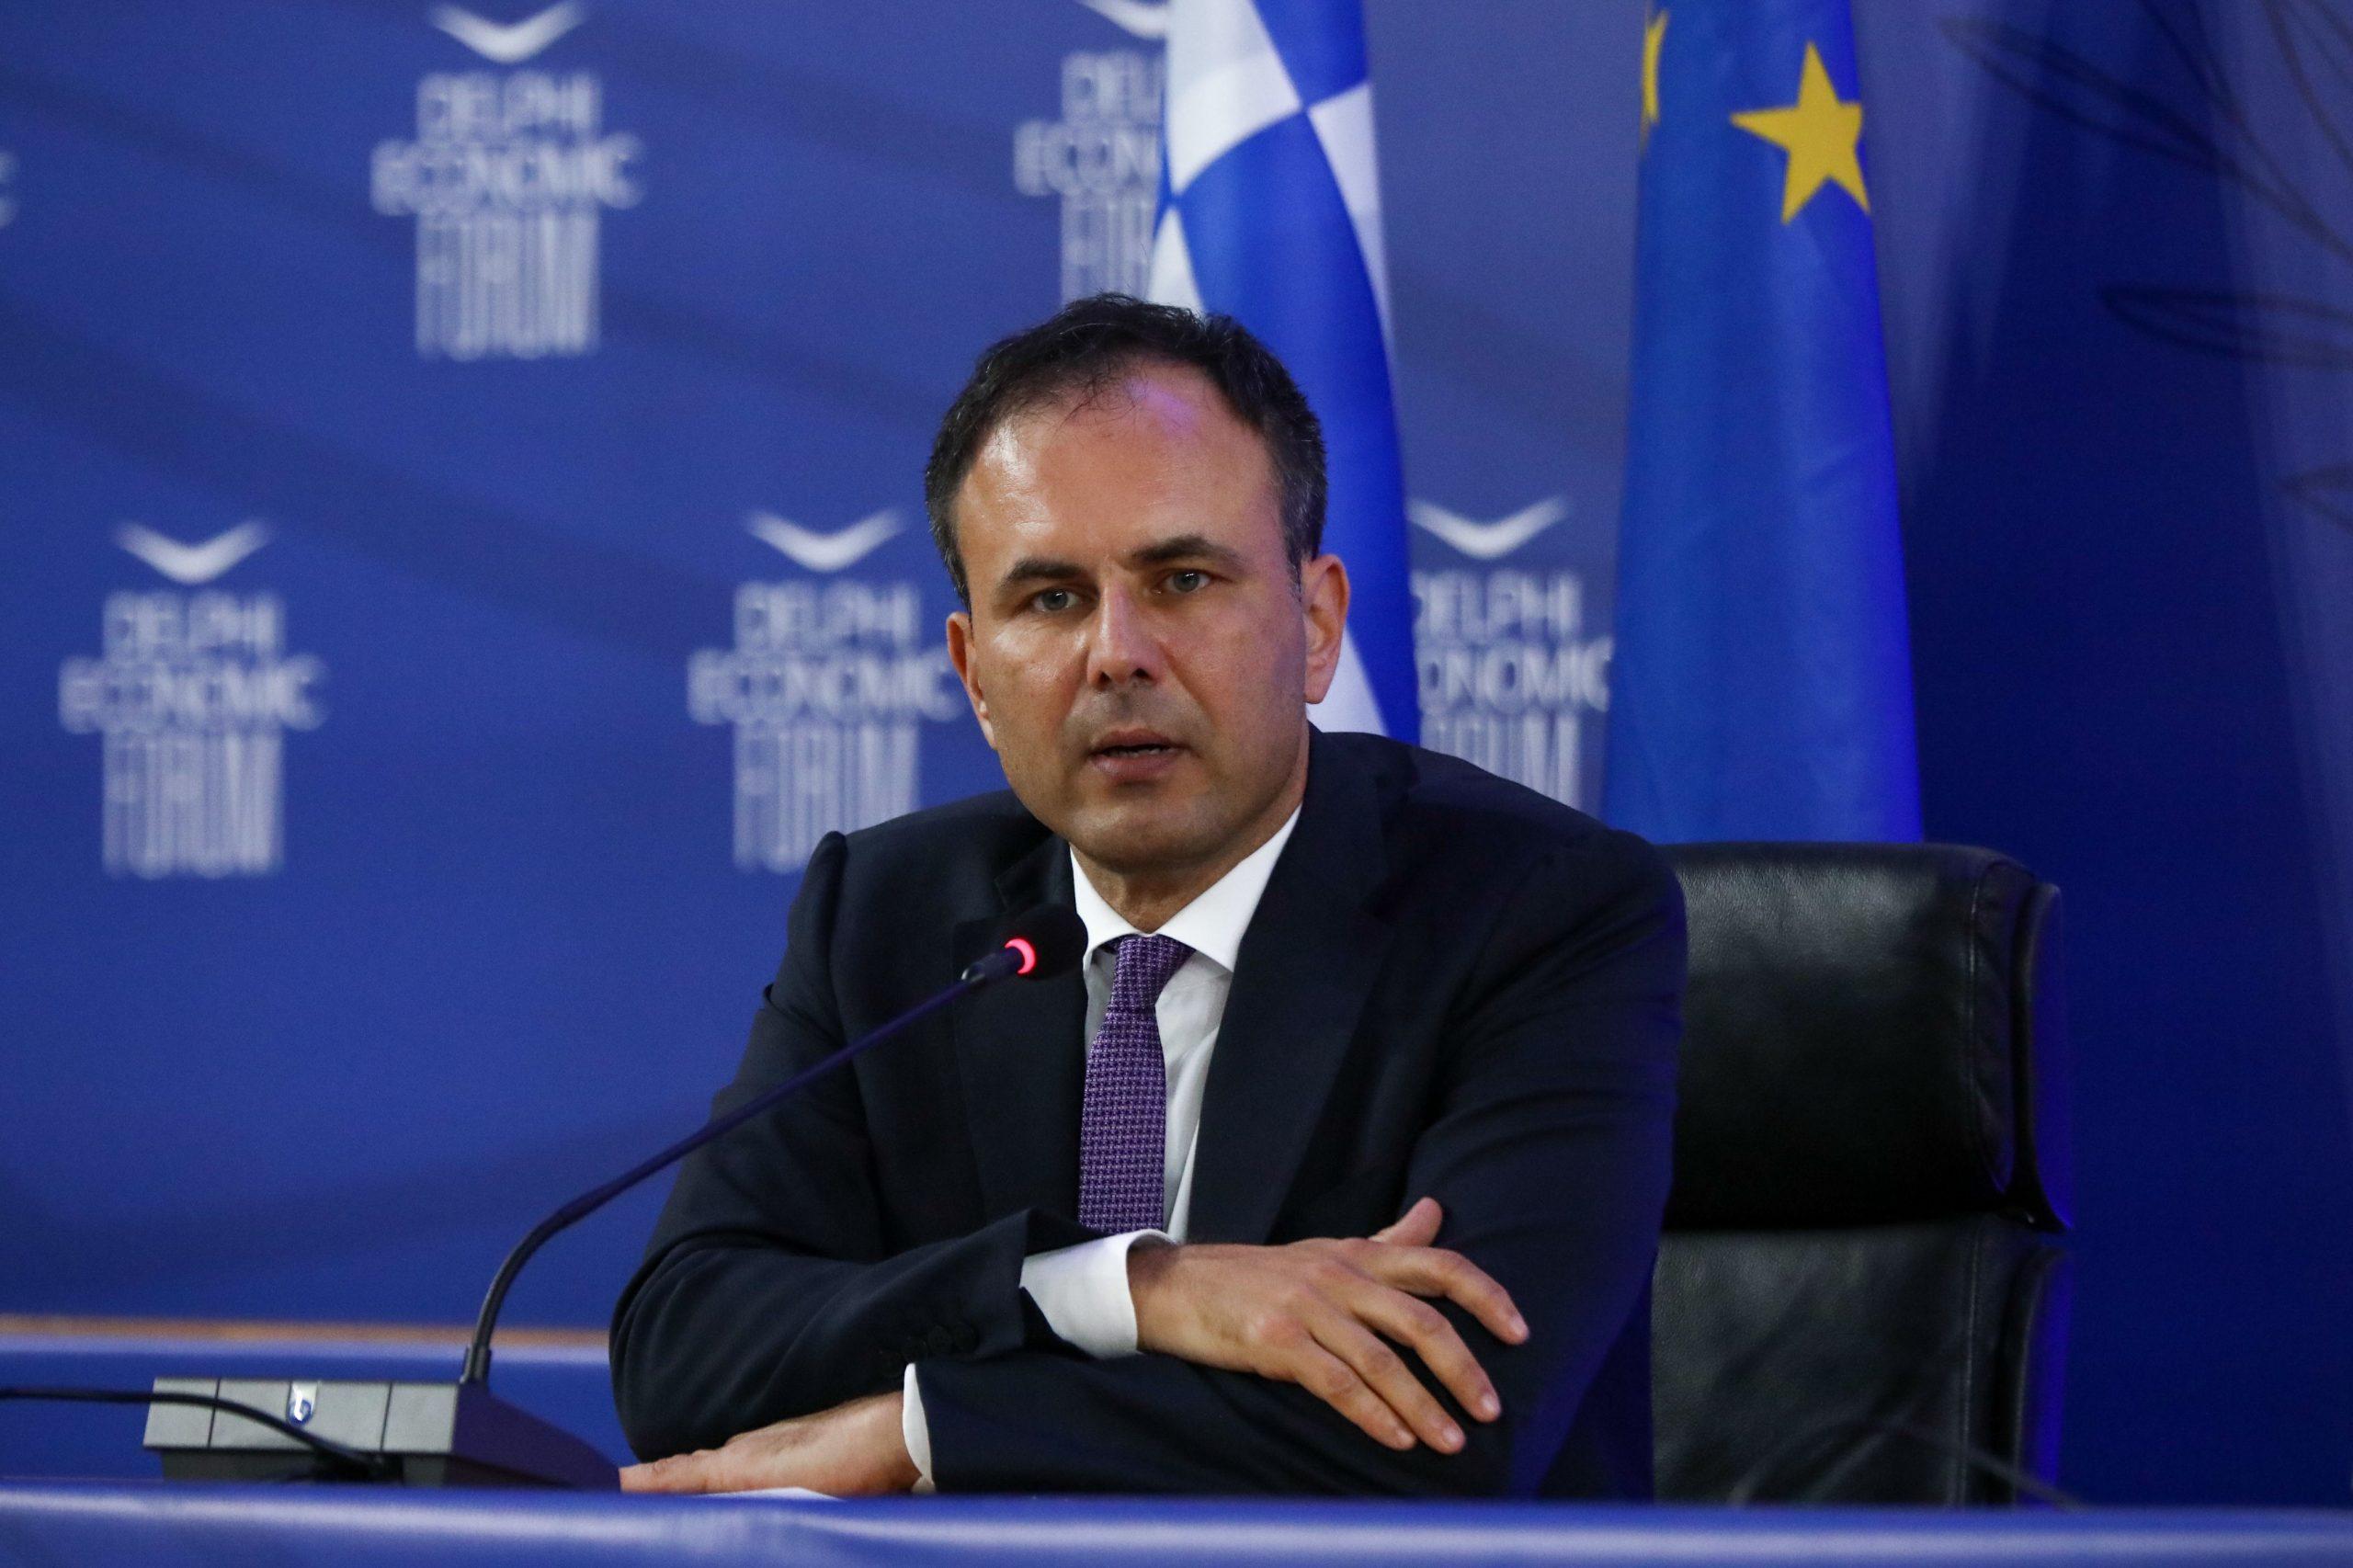 Αλέξης Πατέλης: Η Ελλάδα πέρασε από το λαϊκισμό, από τον πολιτικό κατακερματισμό και βγήκε δυνατότερη